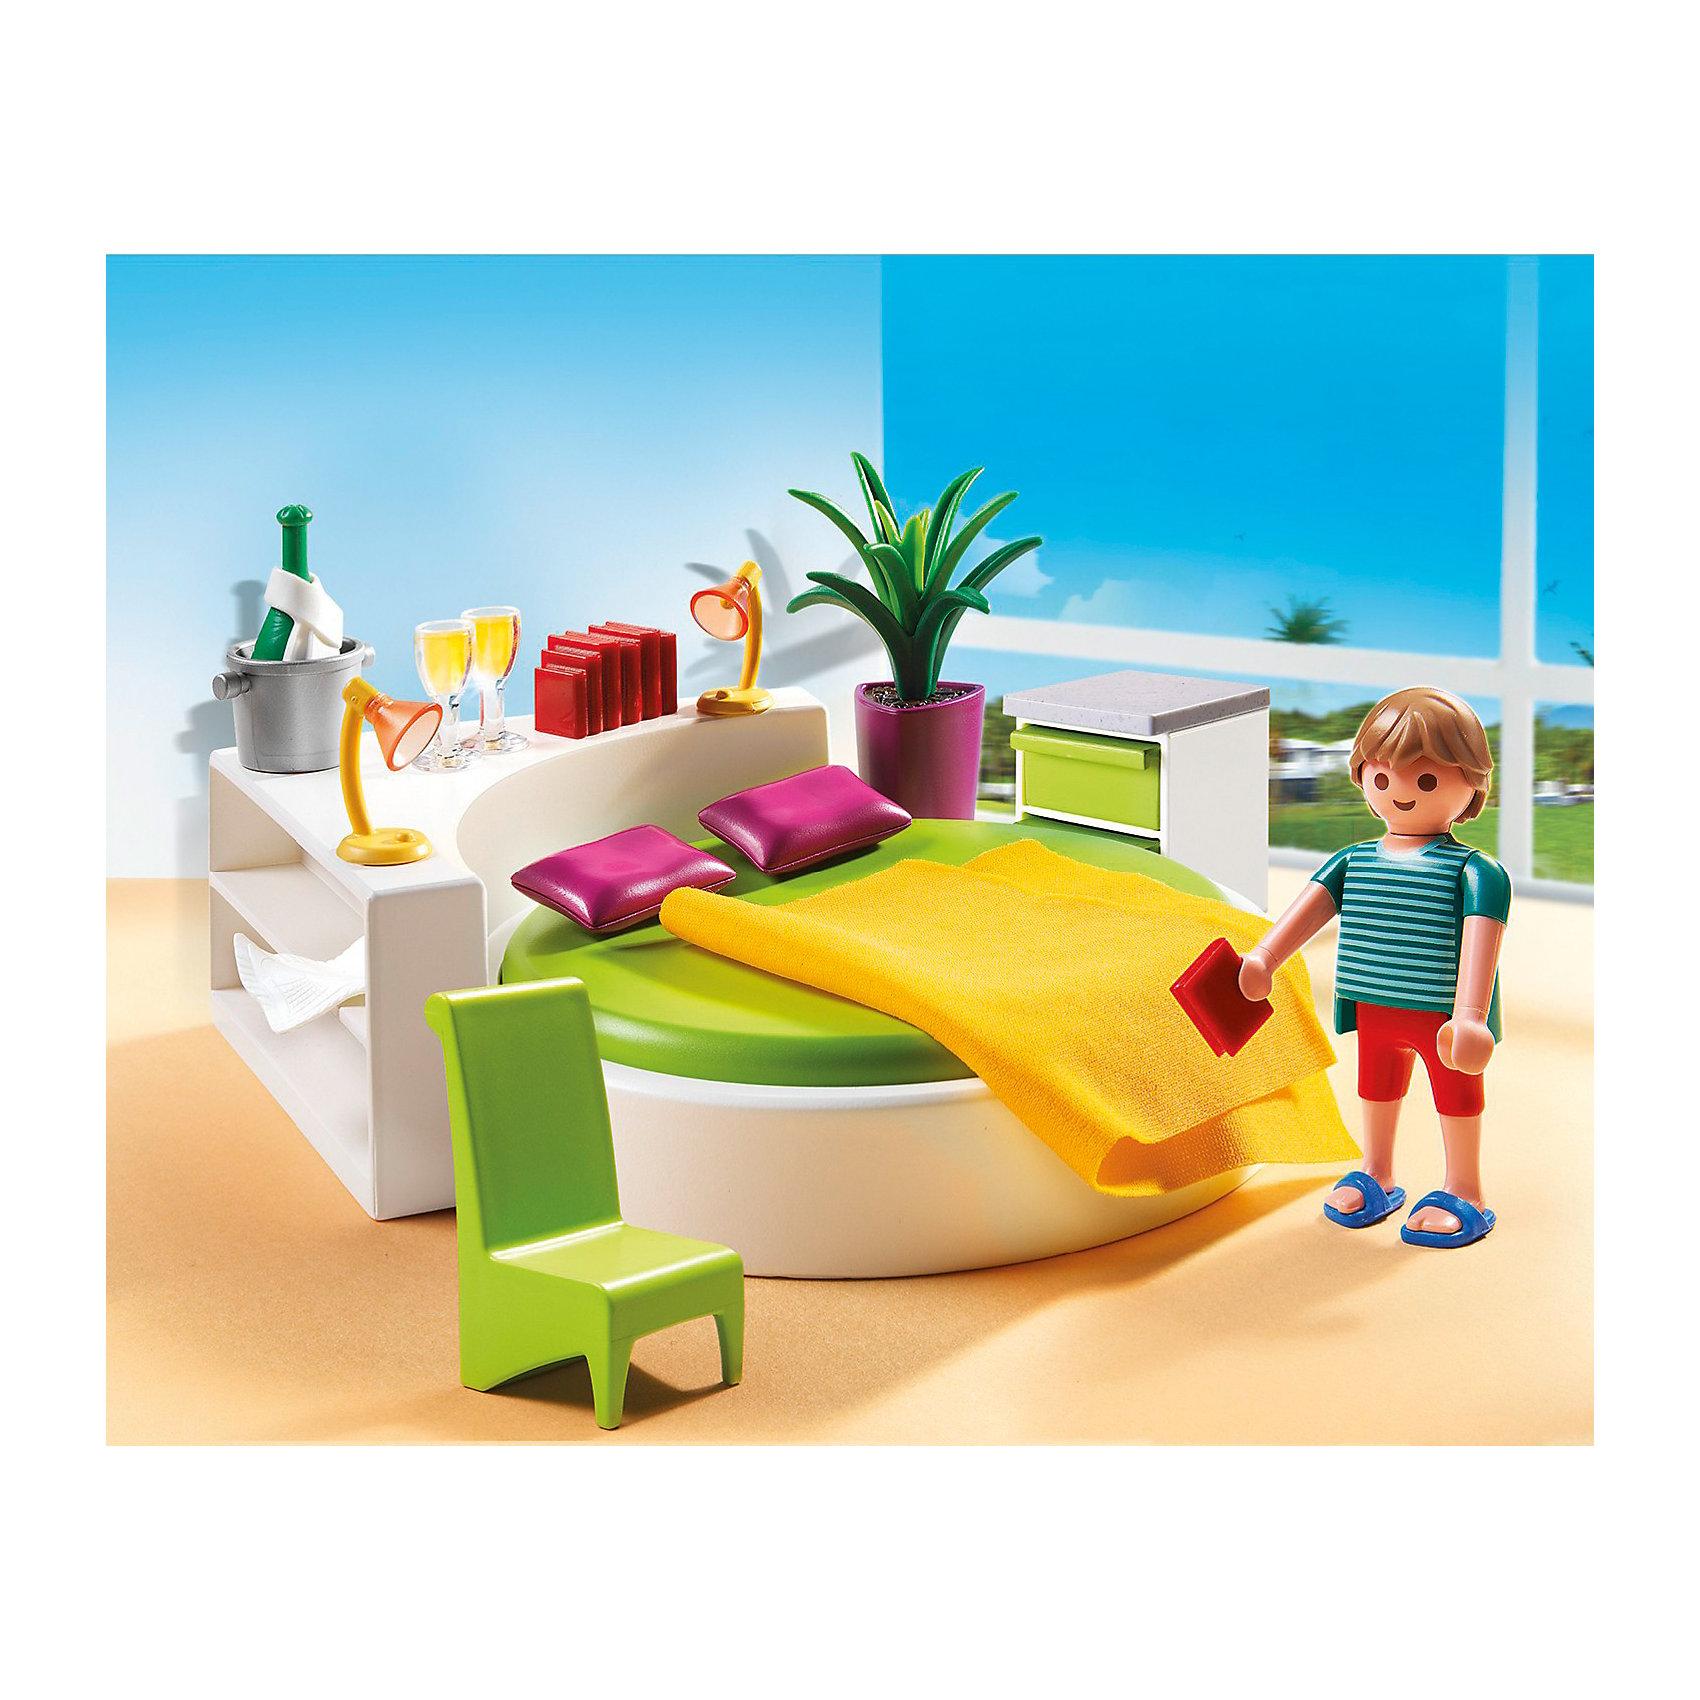 PLAYMOBIL 5583 Особняки: Современная спальняПластмассовые конструкторы<br>Конструктор PLAYMOBIL (Плеймобил) 5583 Особняки: Современная спальня - прекрасная возможность для ребенка проявить свой творческий потенциал! Полезный конструктор для развития Вашего ребенка должен быть именно таким: красочным, безопасным и очень функциональным. Набор Современная спальня состоит из одной минифигурки и множества замечательных и стильных предметов интерьера и аксессуаров. Ребенку понравится расставлять мебель и украшения на полках и разыгрывать интересные сценки из жизни. Конструктор Современная спальня просто находка для обладателя кукольного домика, ведь мебелью можно обставить одну из его комнат. Расставляя мебель и подбирая аксессуары ребенок будет учиться аккуратности и Вы не заметите, как малыш начнет наводить порядок в своей собственной комнате. Прививайте ребенку хороший вкус с помощью конструктора PLAYMOBIL (Плеймобил) 5583 Особняки: Современная спальня!<br><br>Дополнительная информация:<br><br>- Конструкторы PLAYMOBIL (Плеймобил) отлично развивают мелкую моторику, фантазию и воображение;<br>- В наборе: 1 минифигурка, аксессуары и предметы интерьера;<br>- Количество деталей: 34 шт;<br>- Можно использовать для кукольного домика;<br>- Материал: безопасный пластик;<br>- Размер минифигурки: 7,5 см;<br>- Размер упаковки: 43,5 х 21 х 26 см;<br>- Вес: 222 г<br><br>Конструктор PLAYMOBIL (Плеймобил) 5583 Особняки: Современная спальня можно купить в нашем интернет-магазине.<br><br>Ширина мм: 252<br>Глубина мм: 202<br>Высота мм: 56<br>Вес г: 217<br>Возраст от месяцев: 48<br>Возраст до месяцев: 120<br>Пол: Женский<br>Возраст: Детский<br>SKU: 3536873